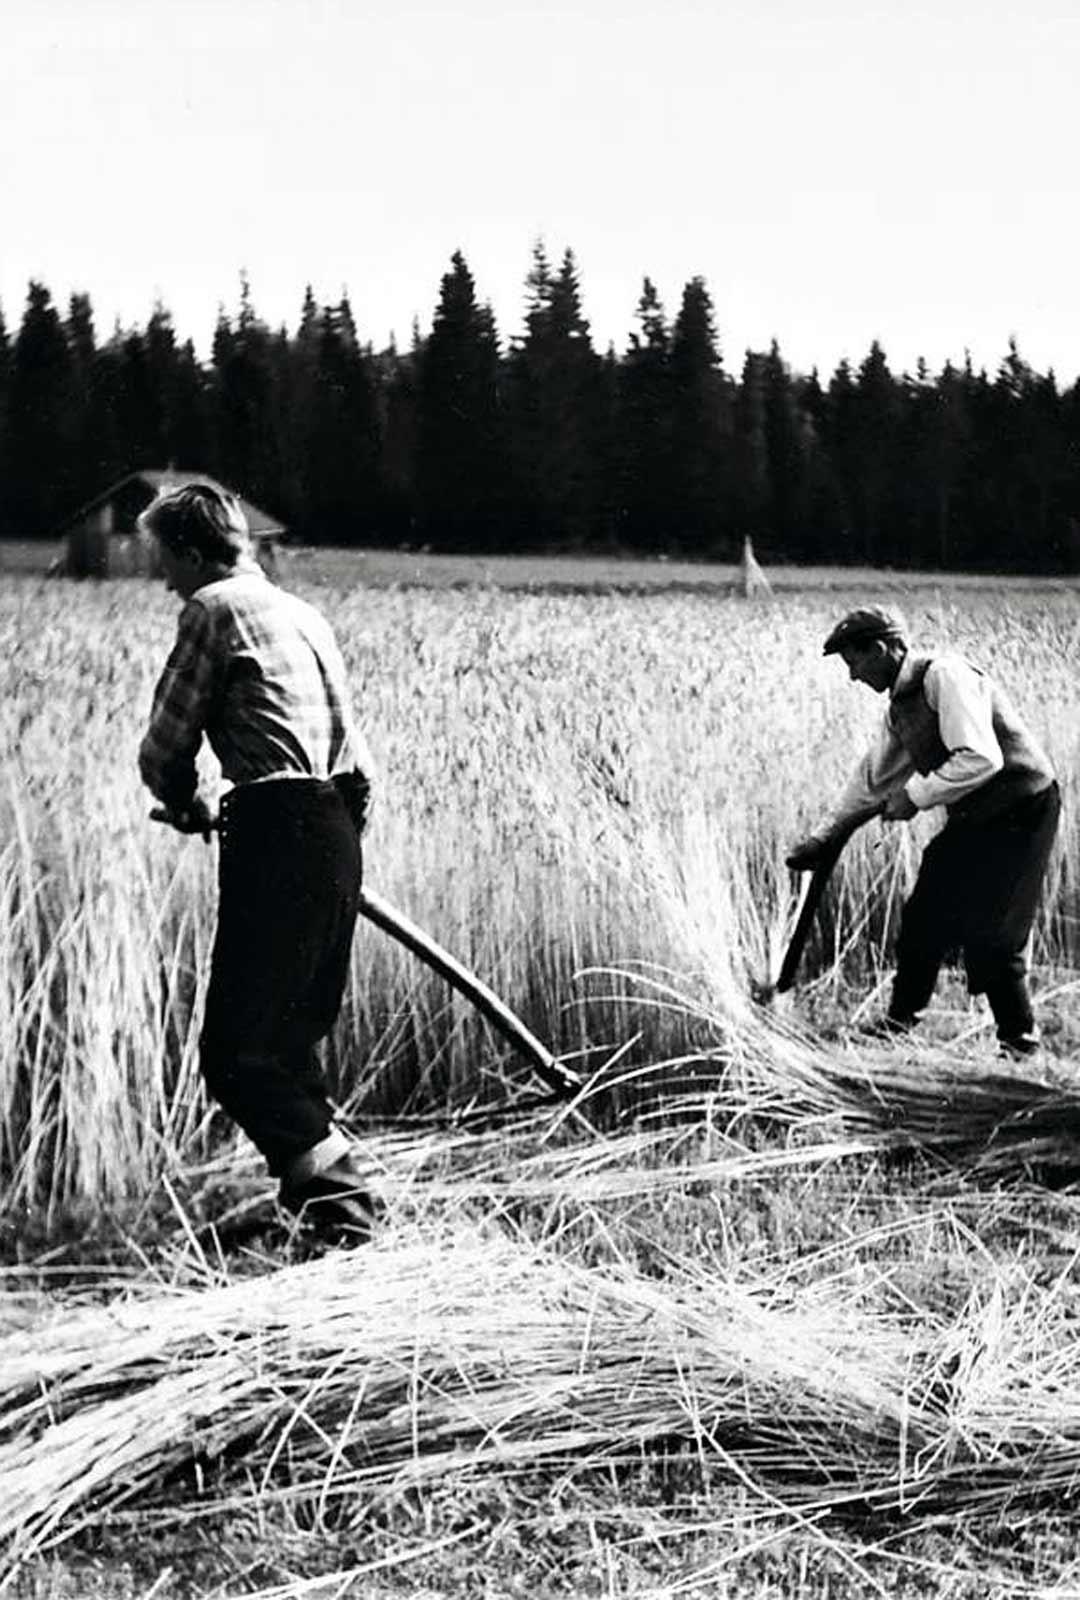 """Veli niittää viljaa isänsä kanssa perheen tilalla 1960-luvulla. """"Vaikka emme koskaan puhuneet asiasta, uskon hänen tienneen suuntautumisestani ja hyväksyneen sen."""""""